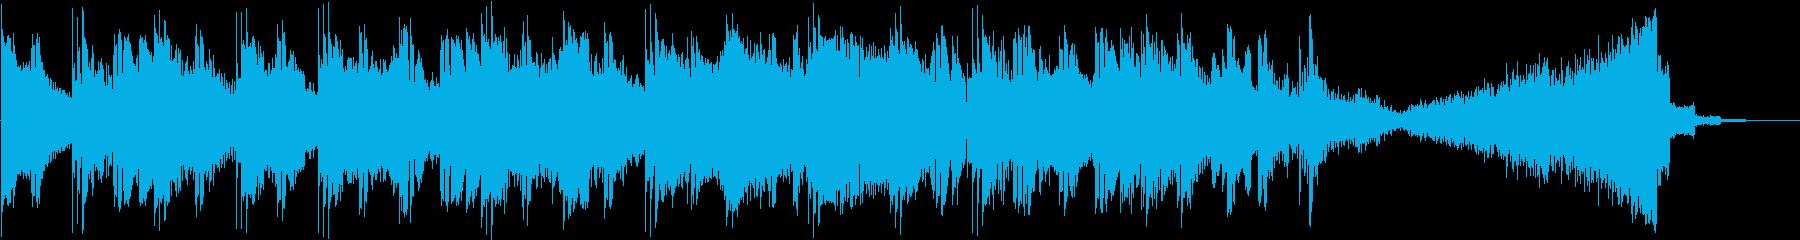 陰気なパワフルなドラムとサウンドデ...の再生済みの波形